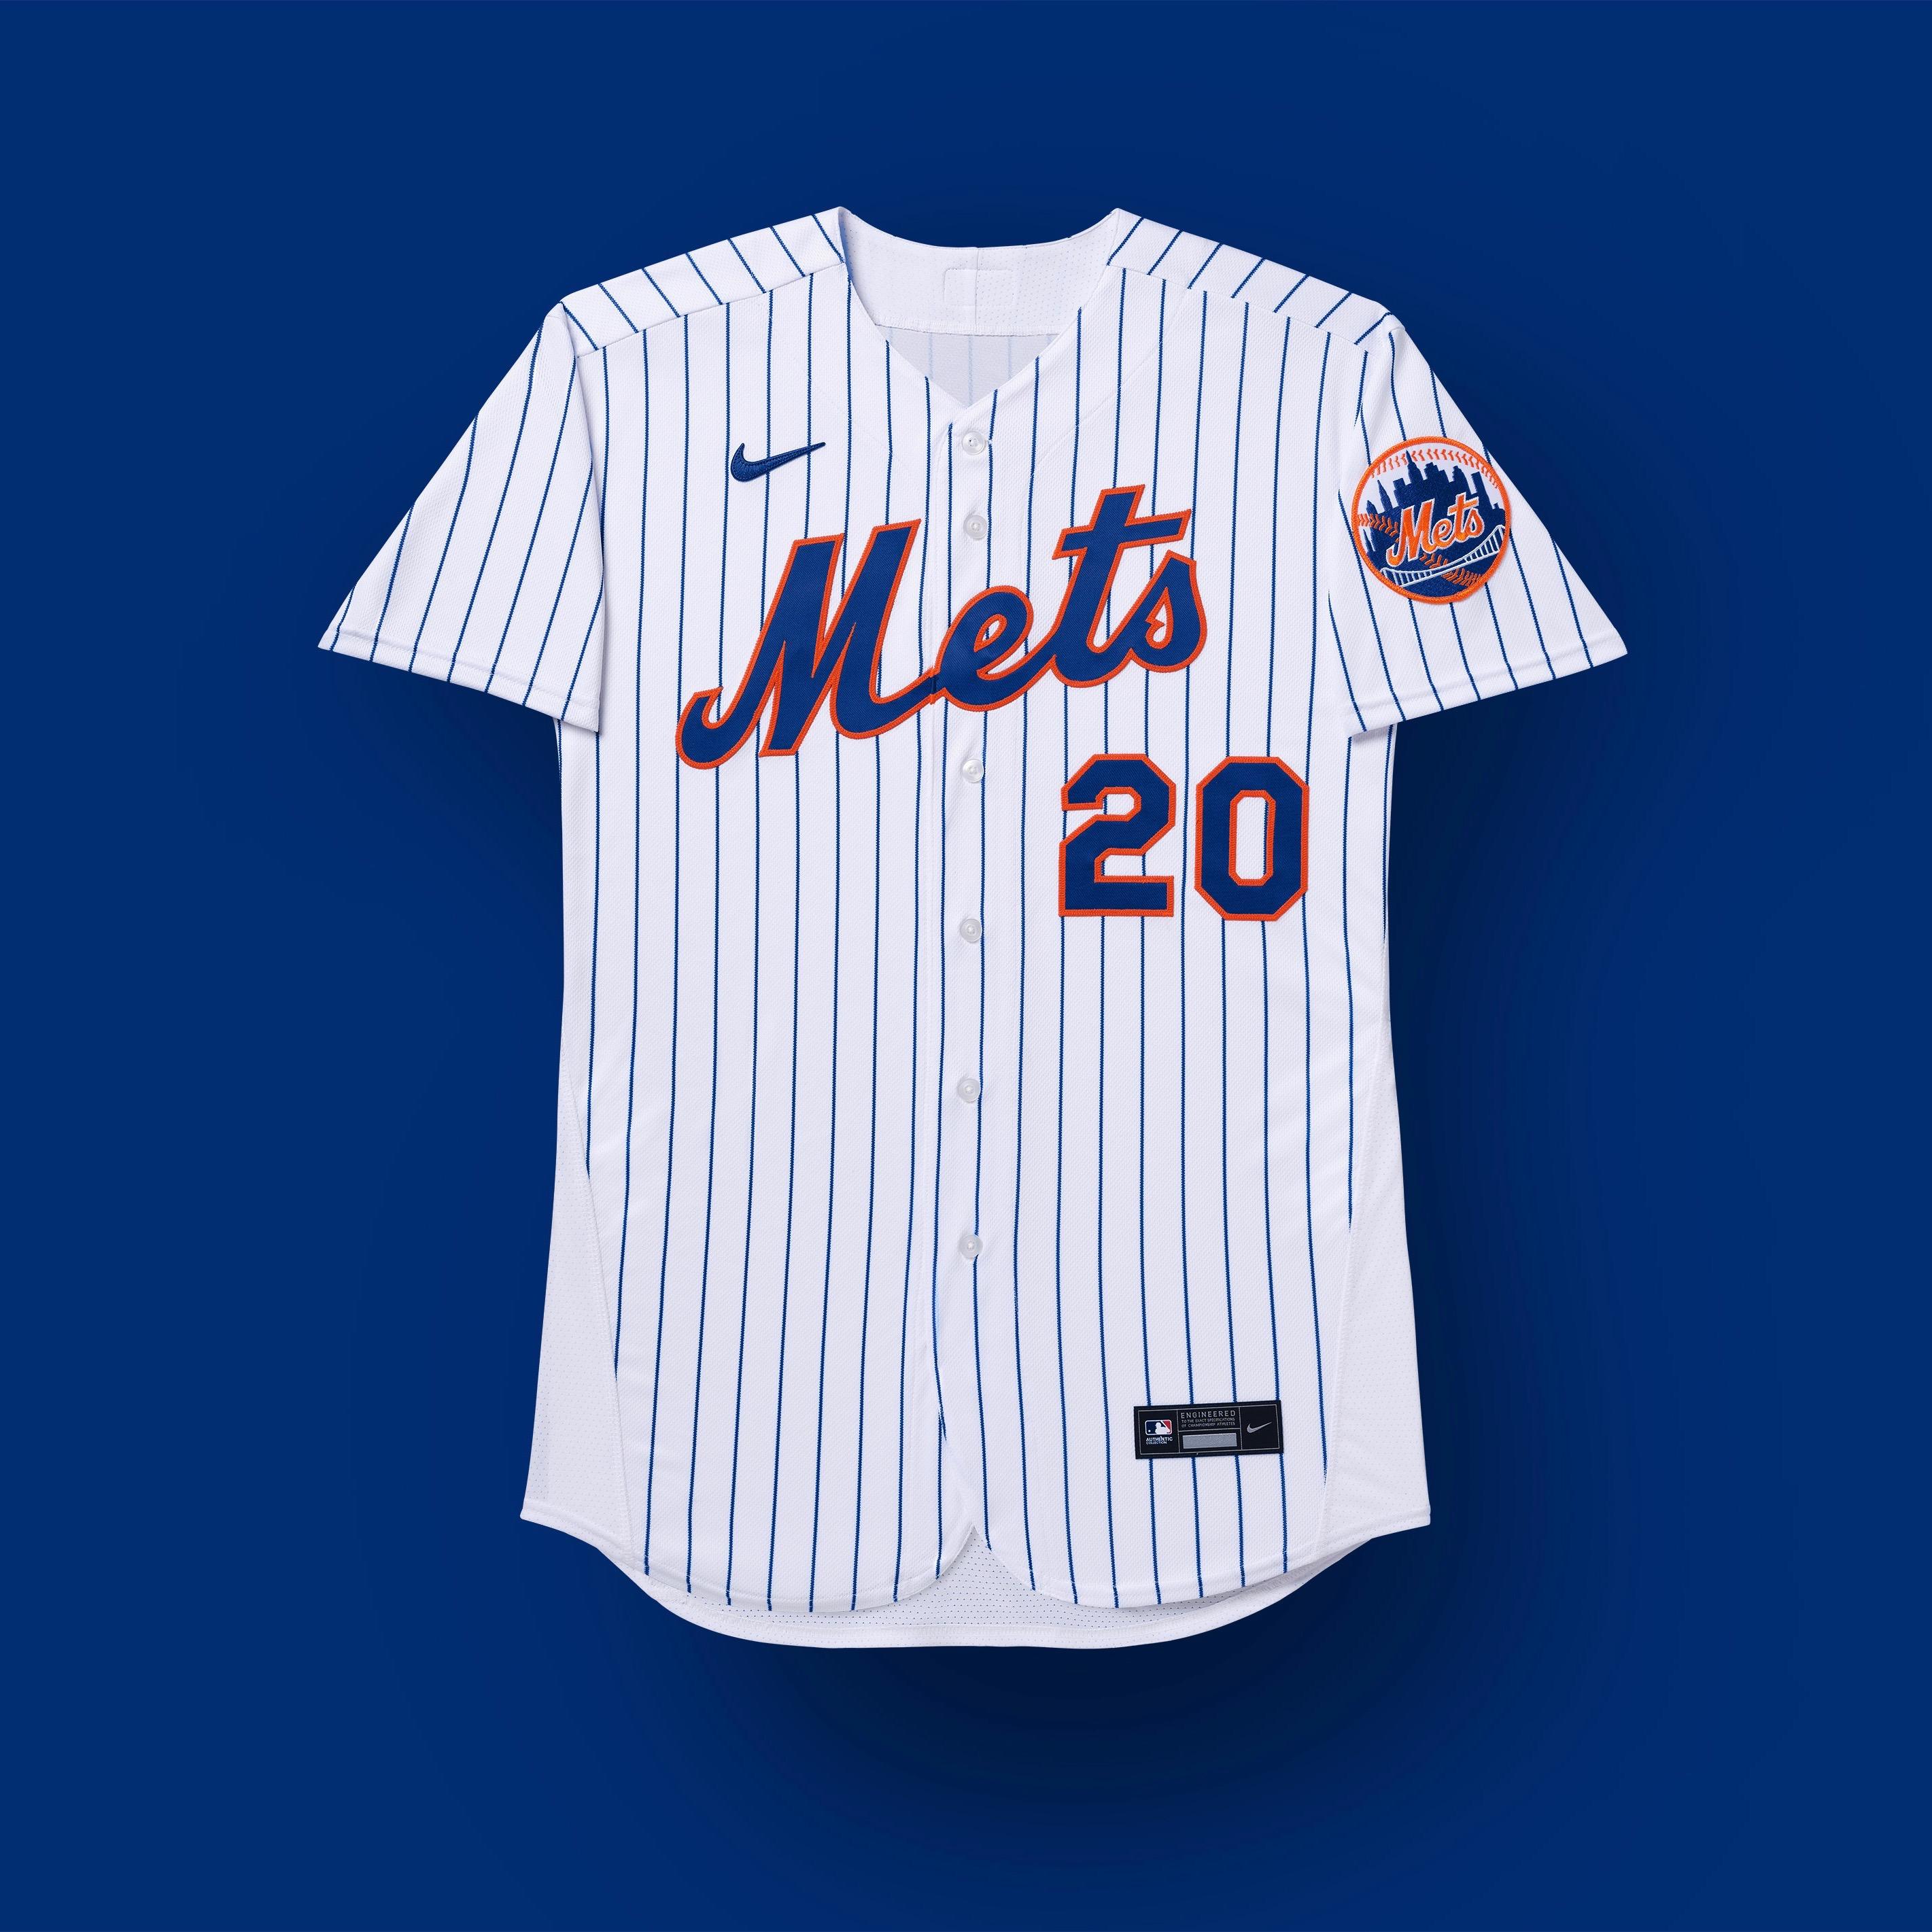 new york mets 2020 uniforms